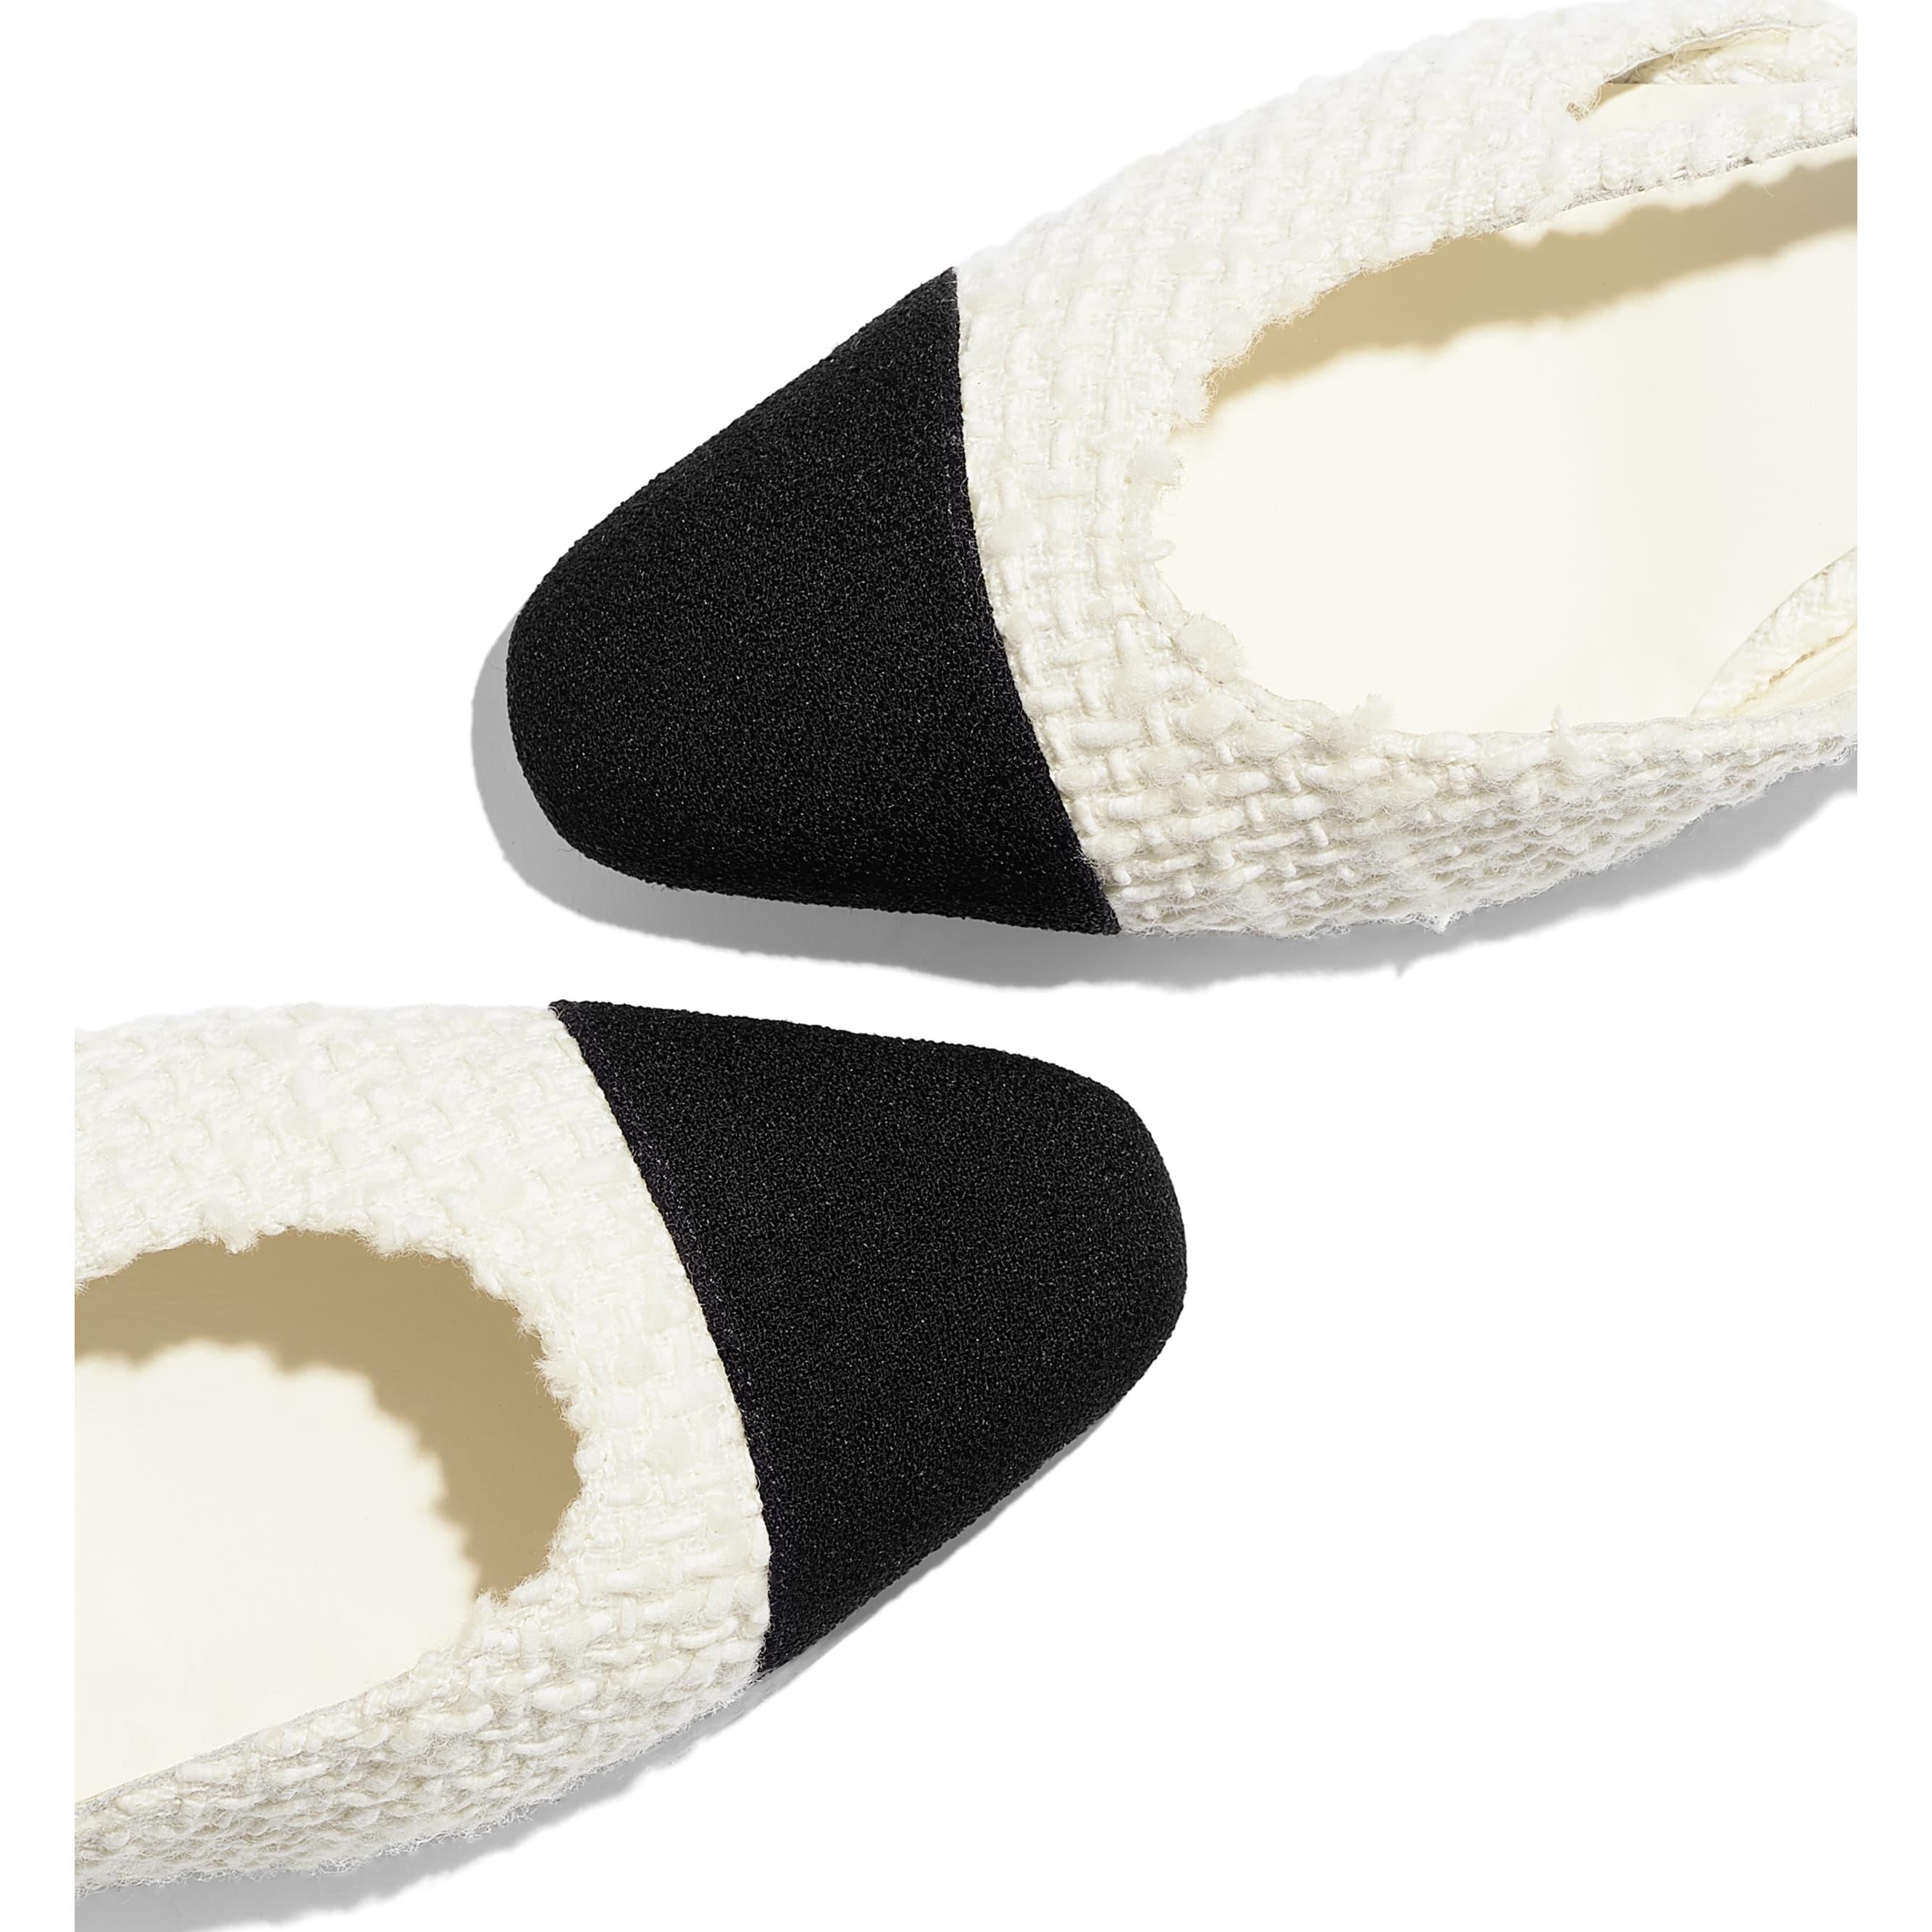 รองเท้าแบบมีสายรัดด้านหลัง - สีขาวและสีดำ - ผ้าวูลทวีต - มุมมองพิเศษ - ดูเวอร์ชันขนาดมาตรฐาน